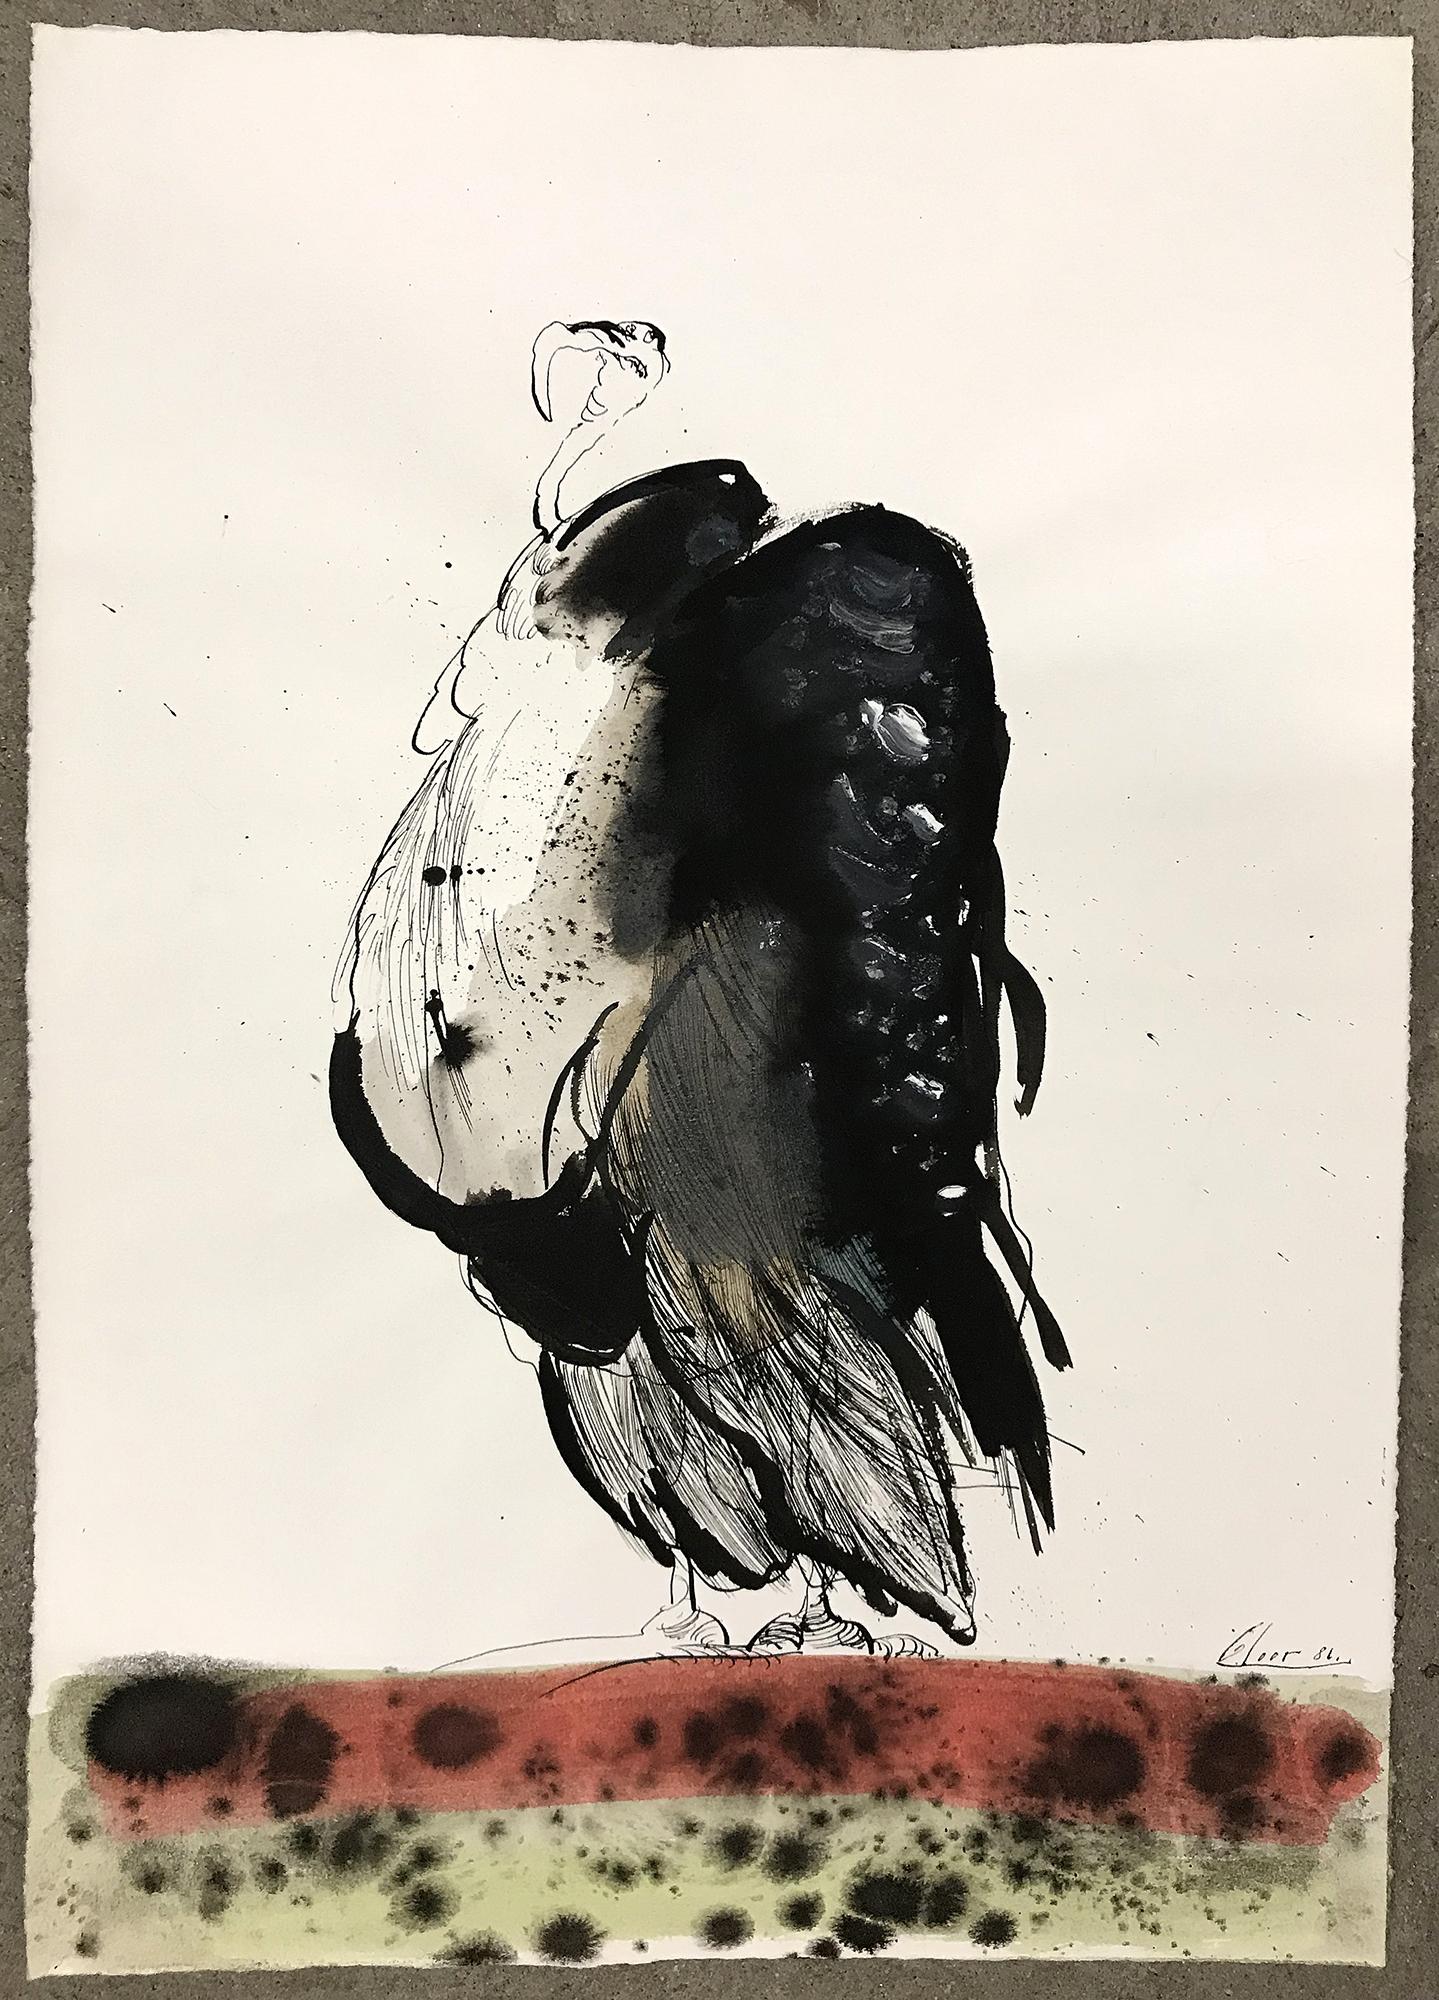 Geier, 1986, Tusche auf Büttenpapier, 32 x 45 cm, ohne Rahmen